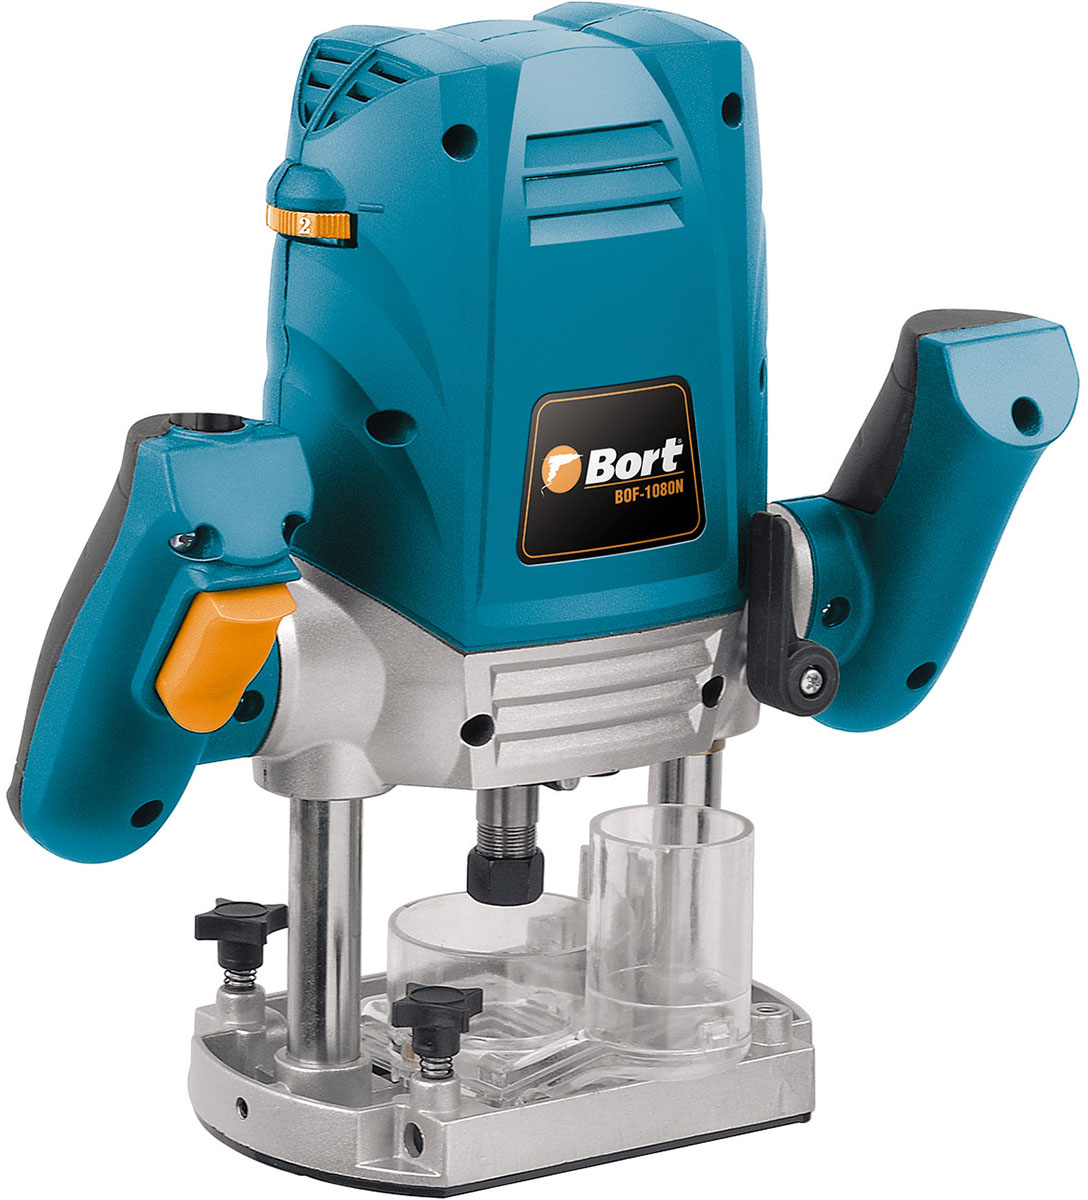 Фрезер Bort BOF-1080N, электрическийBOF-1080NЭлектрический фрезер Bort BOF-1080N активно применяется в мебельном и дверномпроизводстве. Модель имеет небольшой вес и габариты, что позволяет перевозить ее вбагажнике автомобиля. Полупрофессиональный инструмент пропиливает отверстия глубиной до44 мм, а мощный двигатель разгоняет режущие элементы до 30000 об/мин. Фрезер предназначендля обработки деревянных заготовок, однако на минимальных скоростях эффективно режет иметалл, и пластик. Комплектация: параллельная направляющая, ключ, фреза, адаптер для подключения пылесоса,дополнительный комплект щеток, центральный упор, цанга 6 мм, цанга 8 мм. Характеристики:Регулировка оборотов: есть. Мощность: 1200 Вт. Рабочий ход фрезы: 45 мм.Плавный пуск: нет. Поддержание постоянных оборотов под нагрузкой: нет.Встроенный патрубок пылеотсоса: есть. Число оборотов: 11500-30000 об/мин. Размер цанги: 6-8 мм. Наличие подсветки: нет.